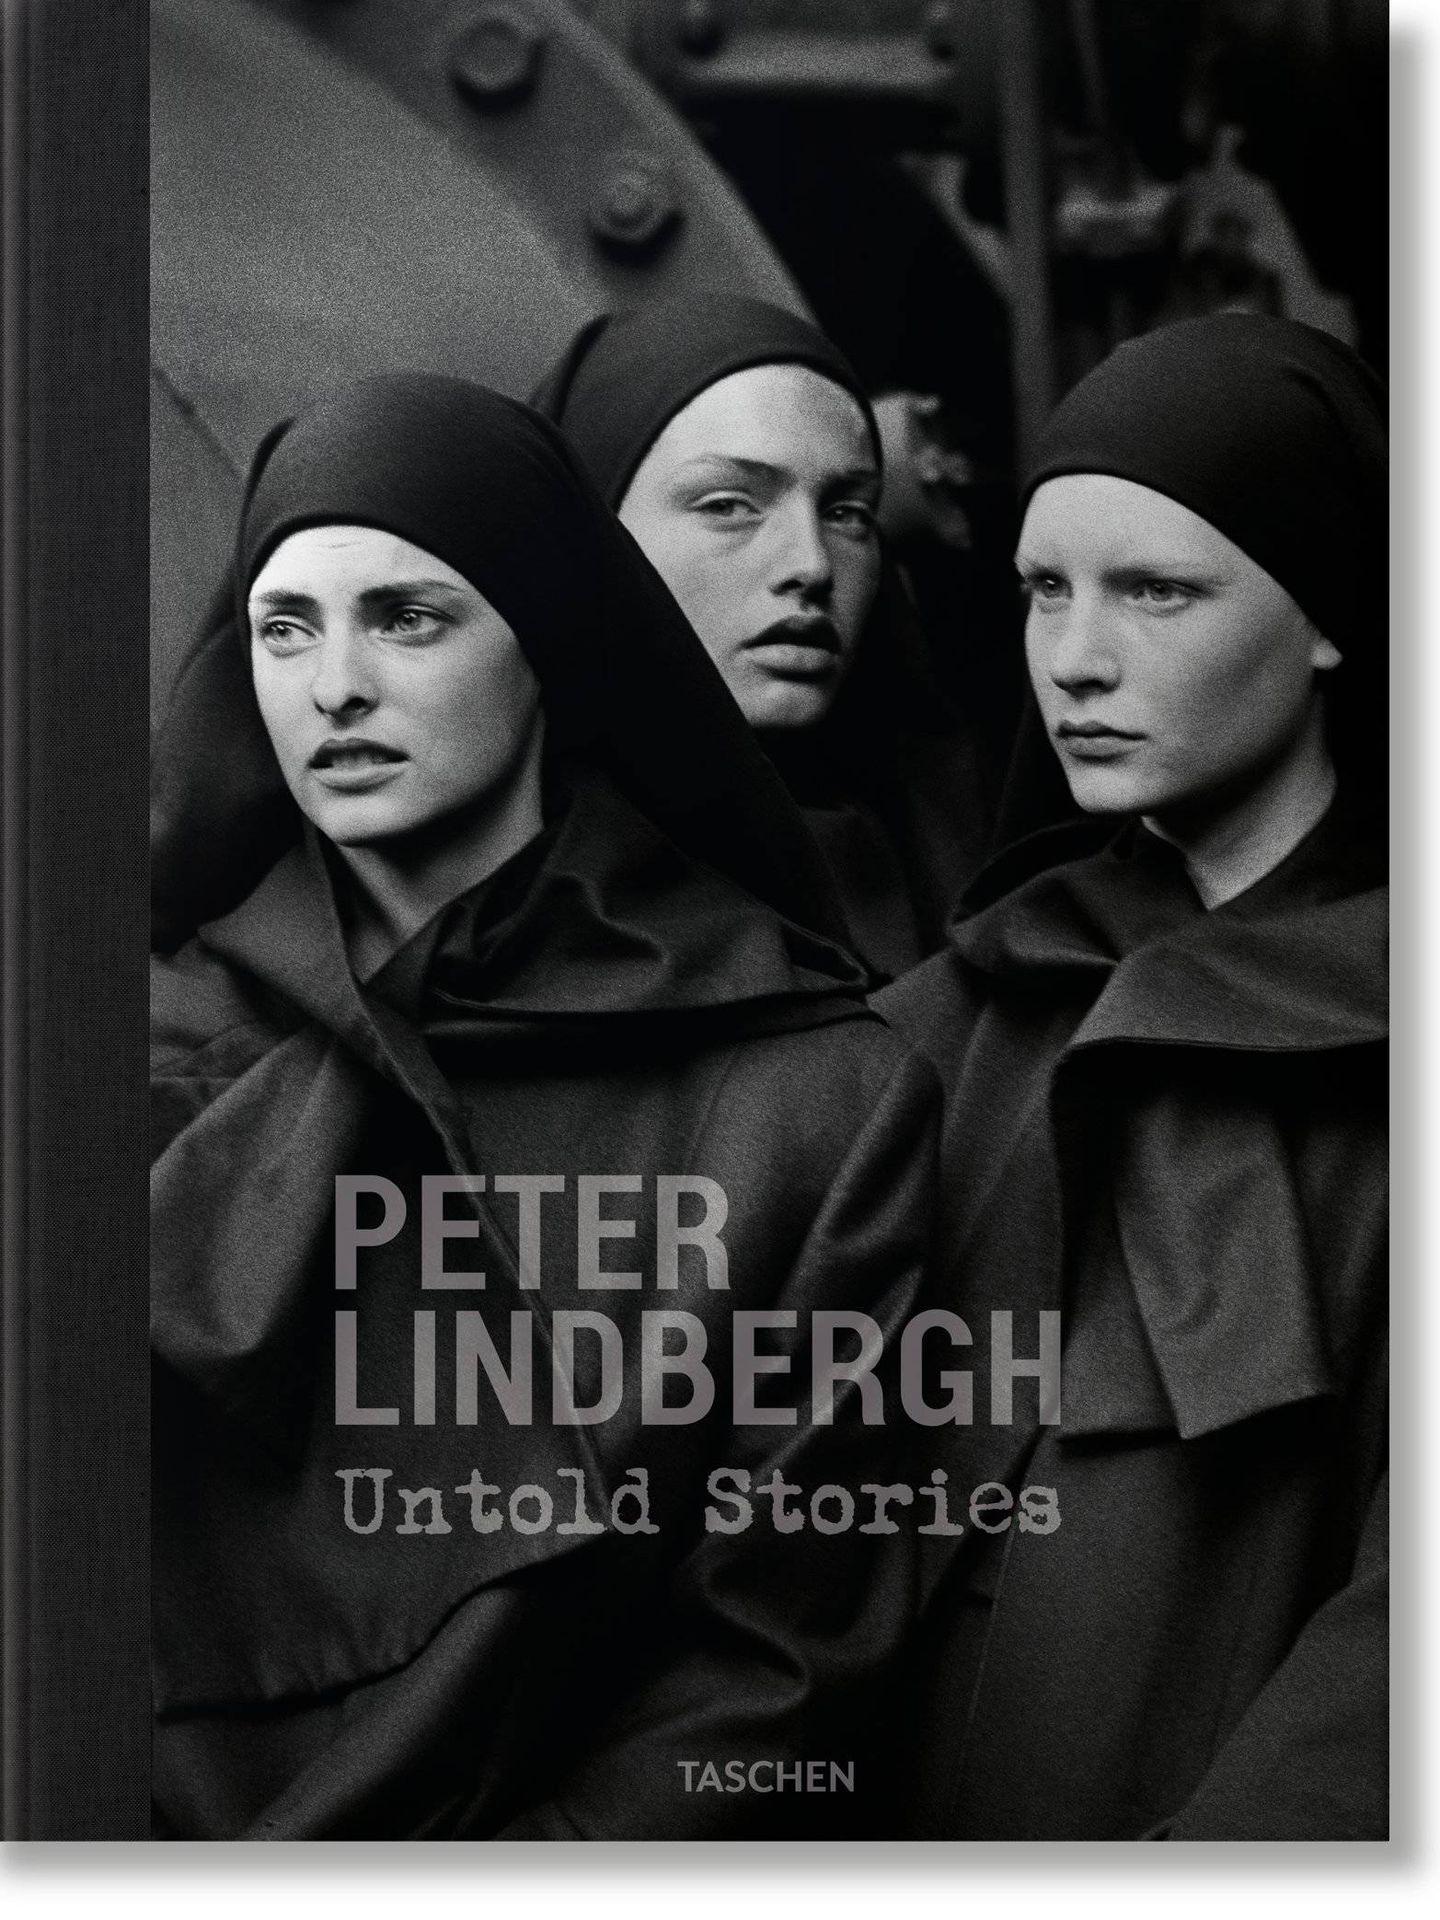 Imagen: Peter Lindbergh. (Taschen)